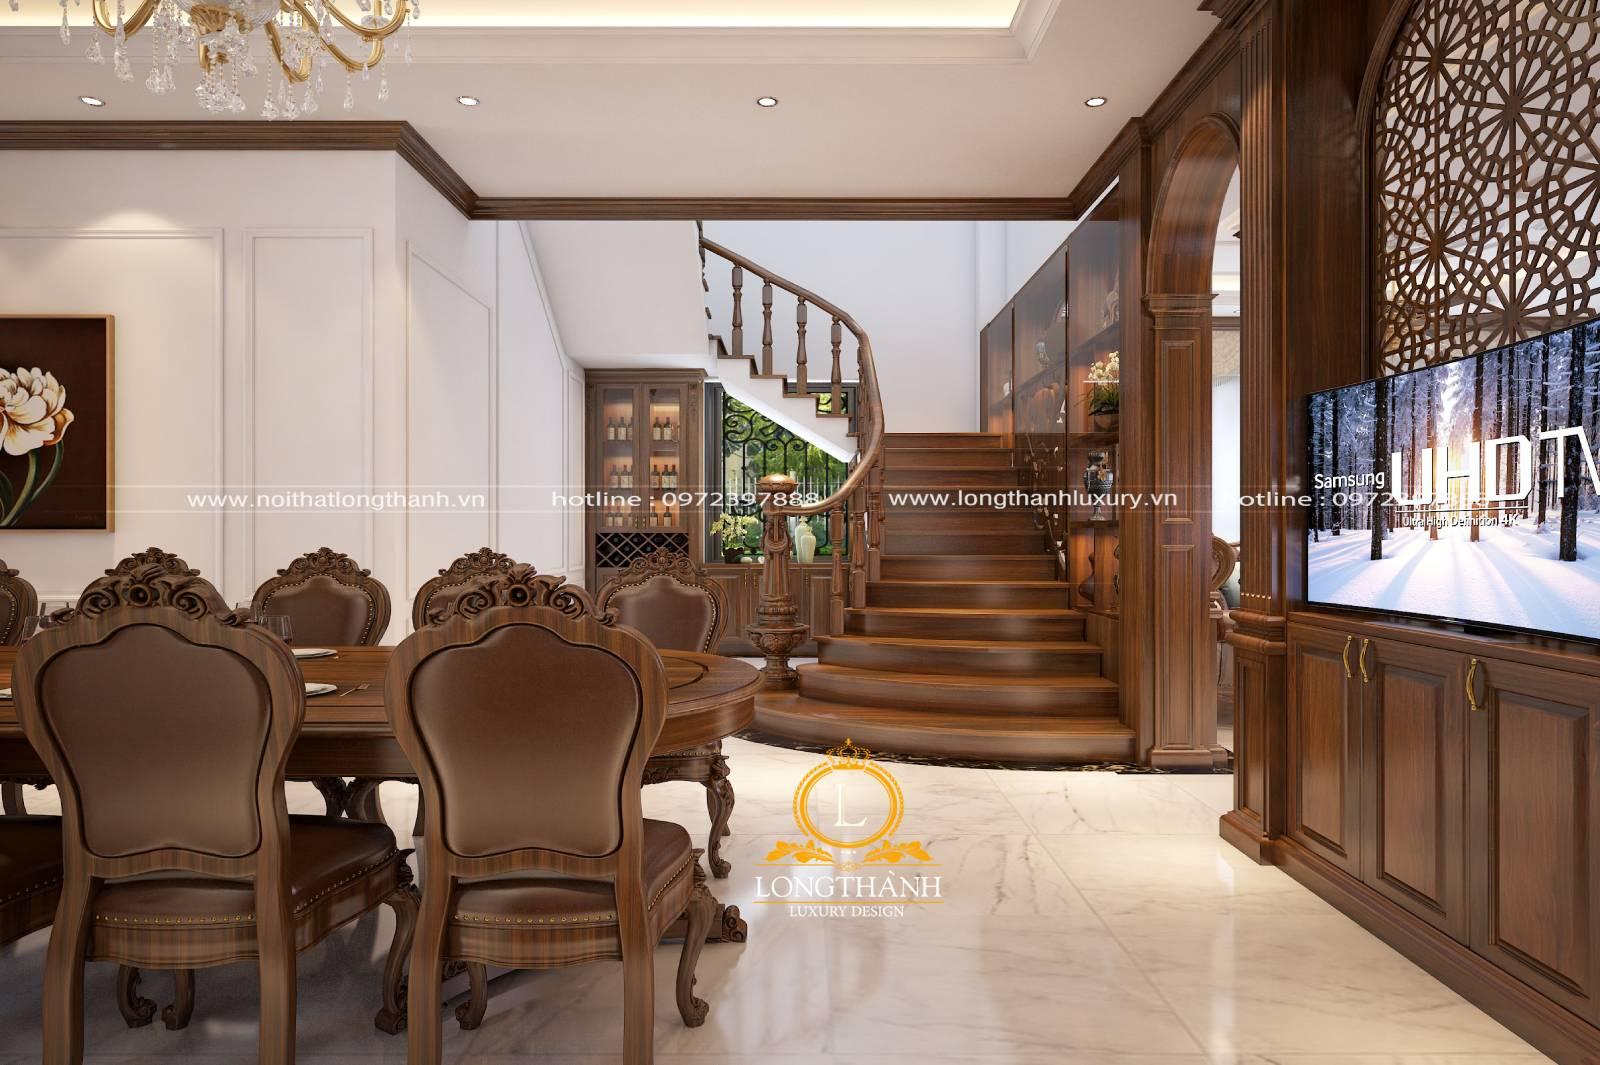 Vẻ đẹp nhẹ nhàng của cầu thang gỗ tân cổ điển biệt thự